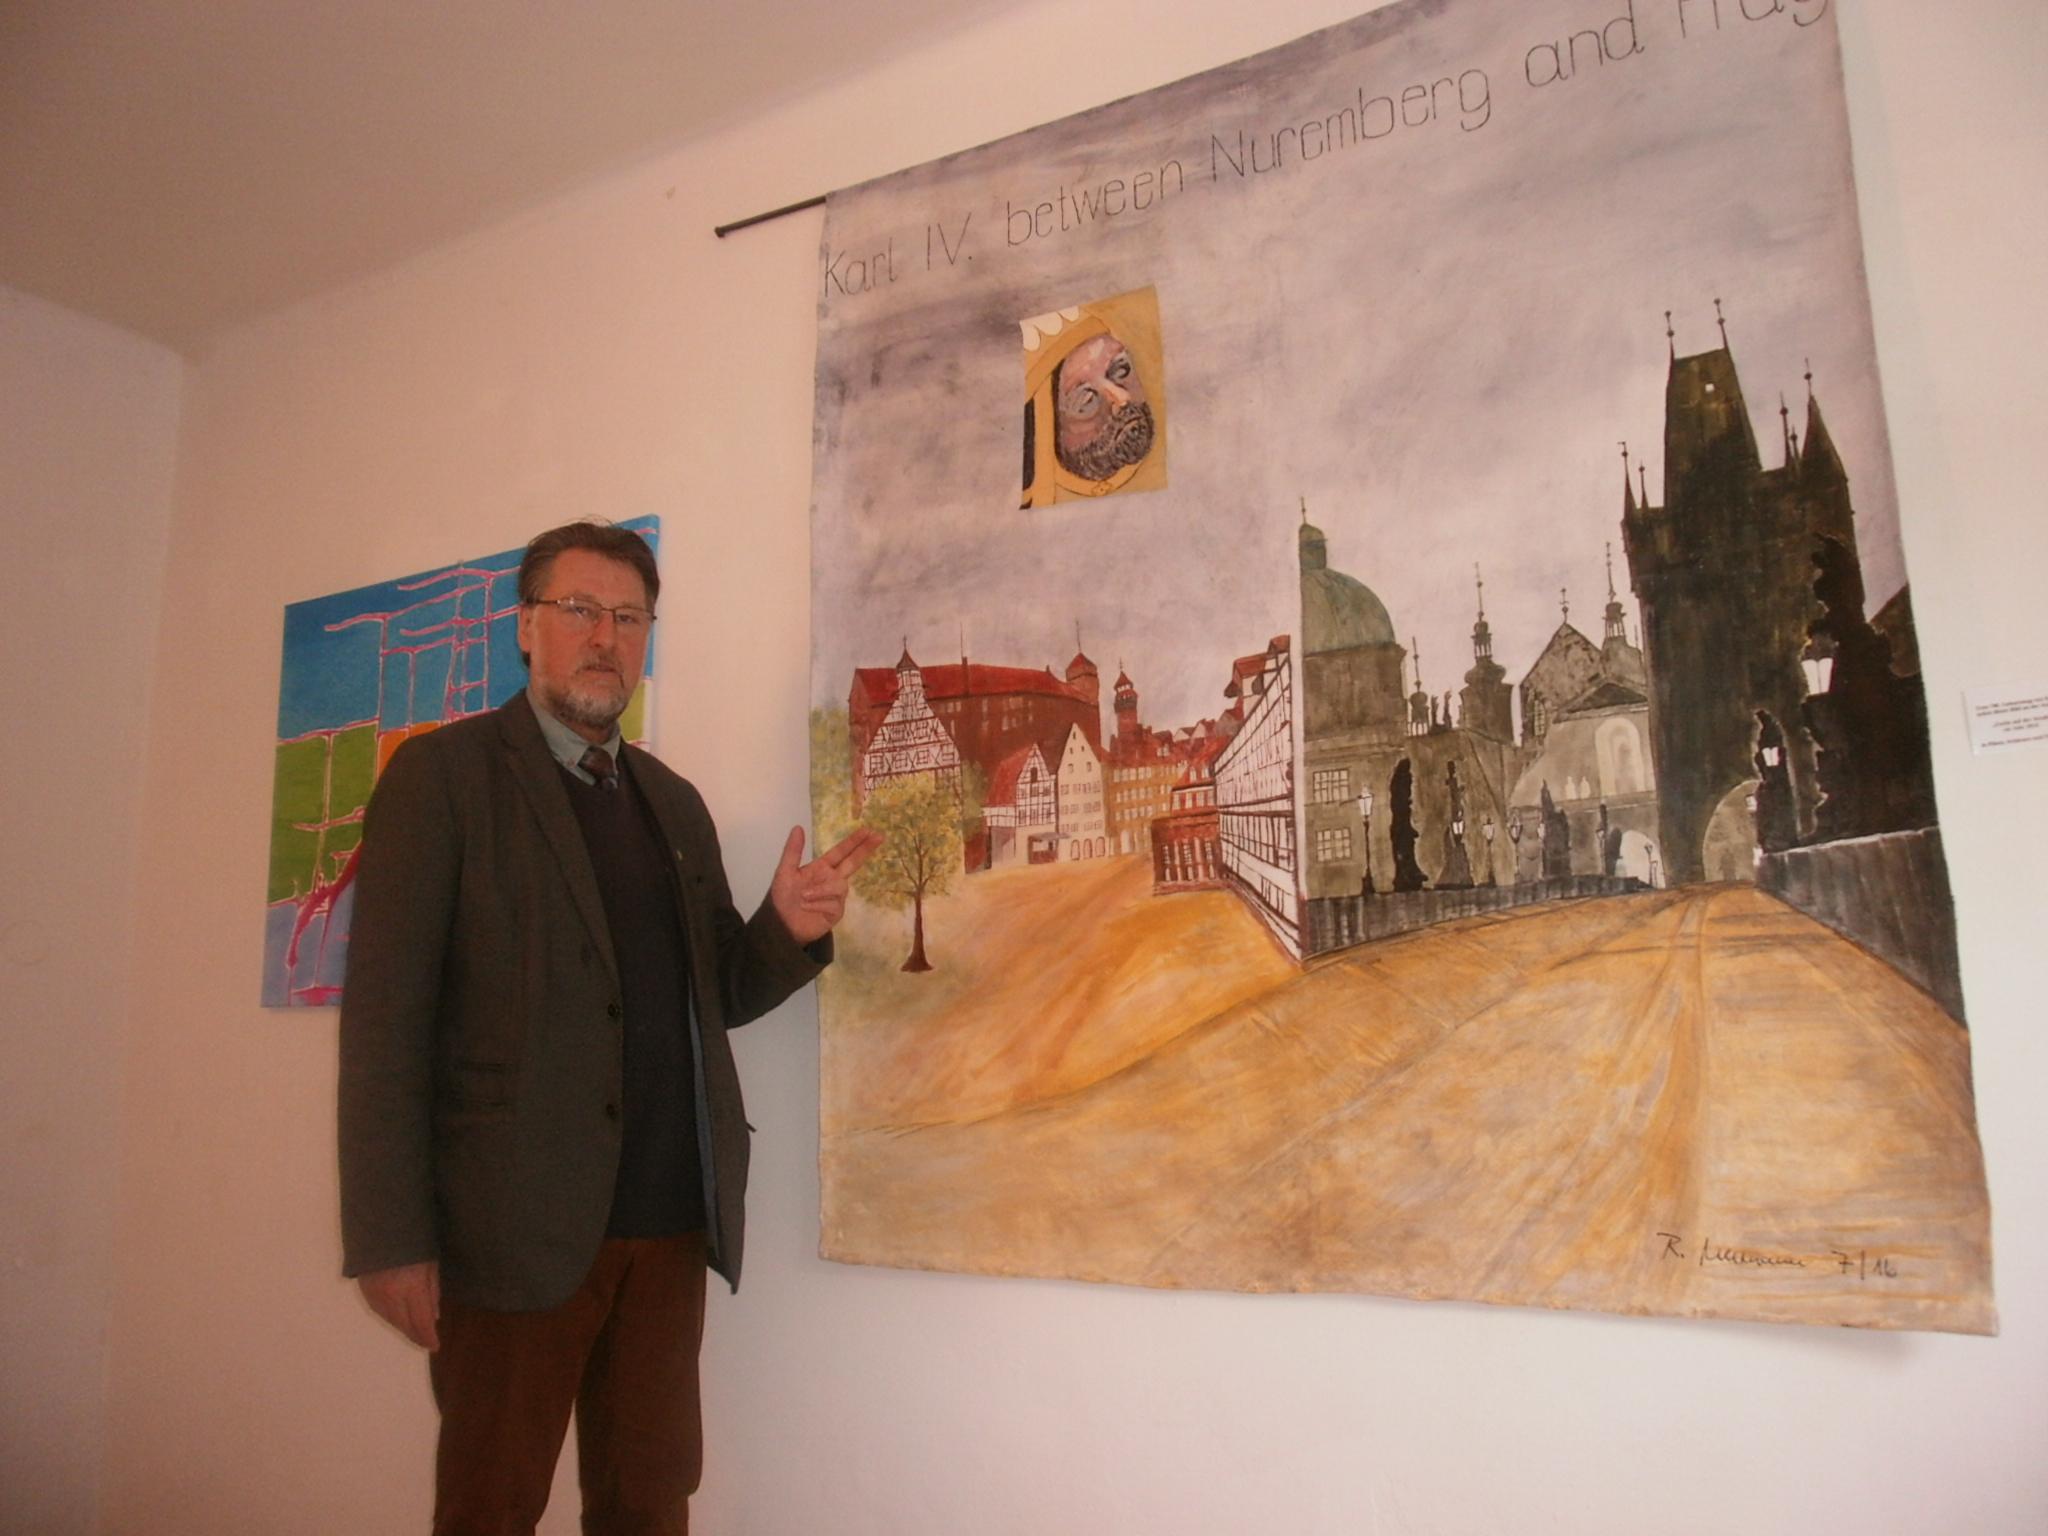 """Dieses Werk der Künstlerin Renate Ullmann (""""Farbe auf der Straße im Jahr 2016"""" wurde anlässlich des 700. Geburtstags von Kaiser Karl IV. in Pilsen, Schönsee und Nürnberg gezeigt."""